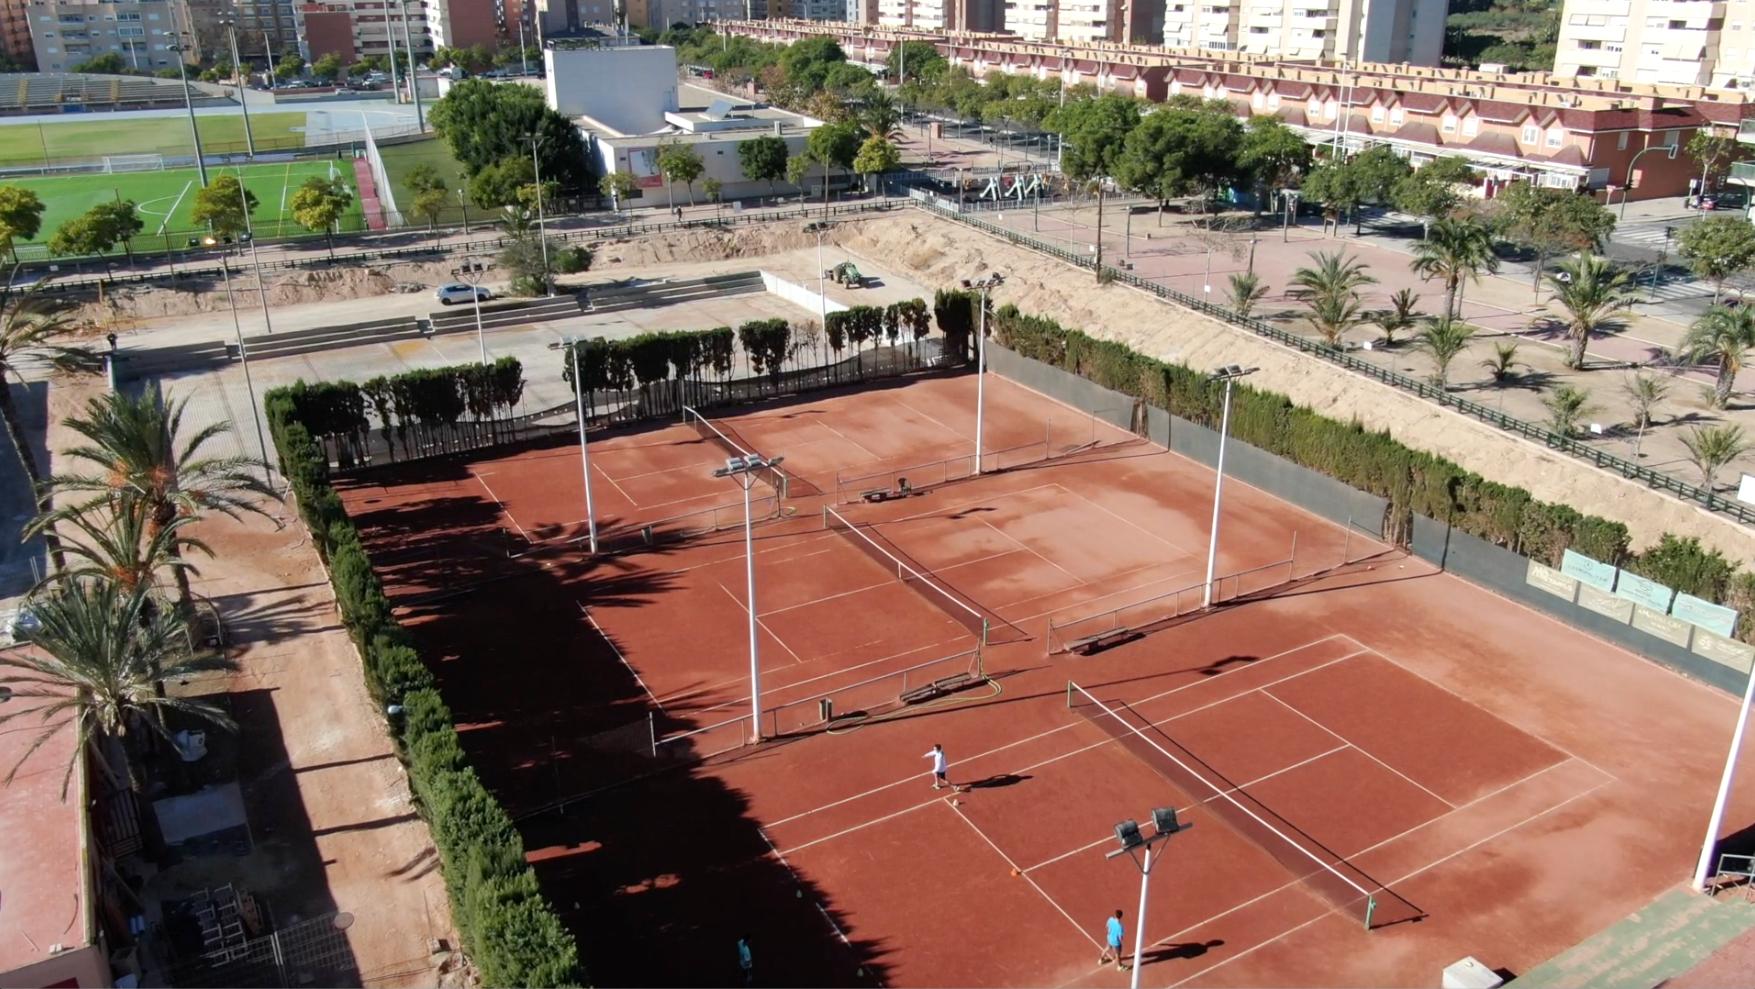 Construir instalaciones deportivas: revalorización del suelo público y privado